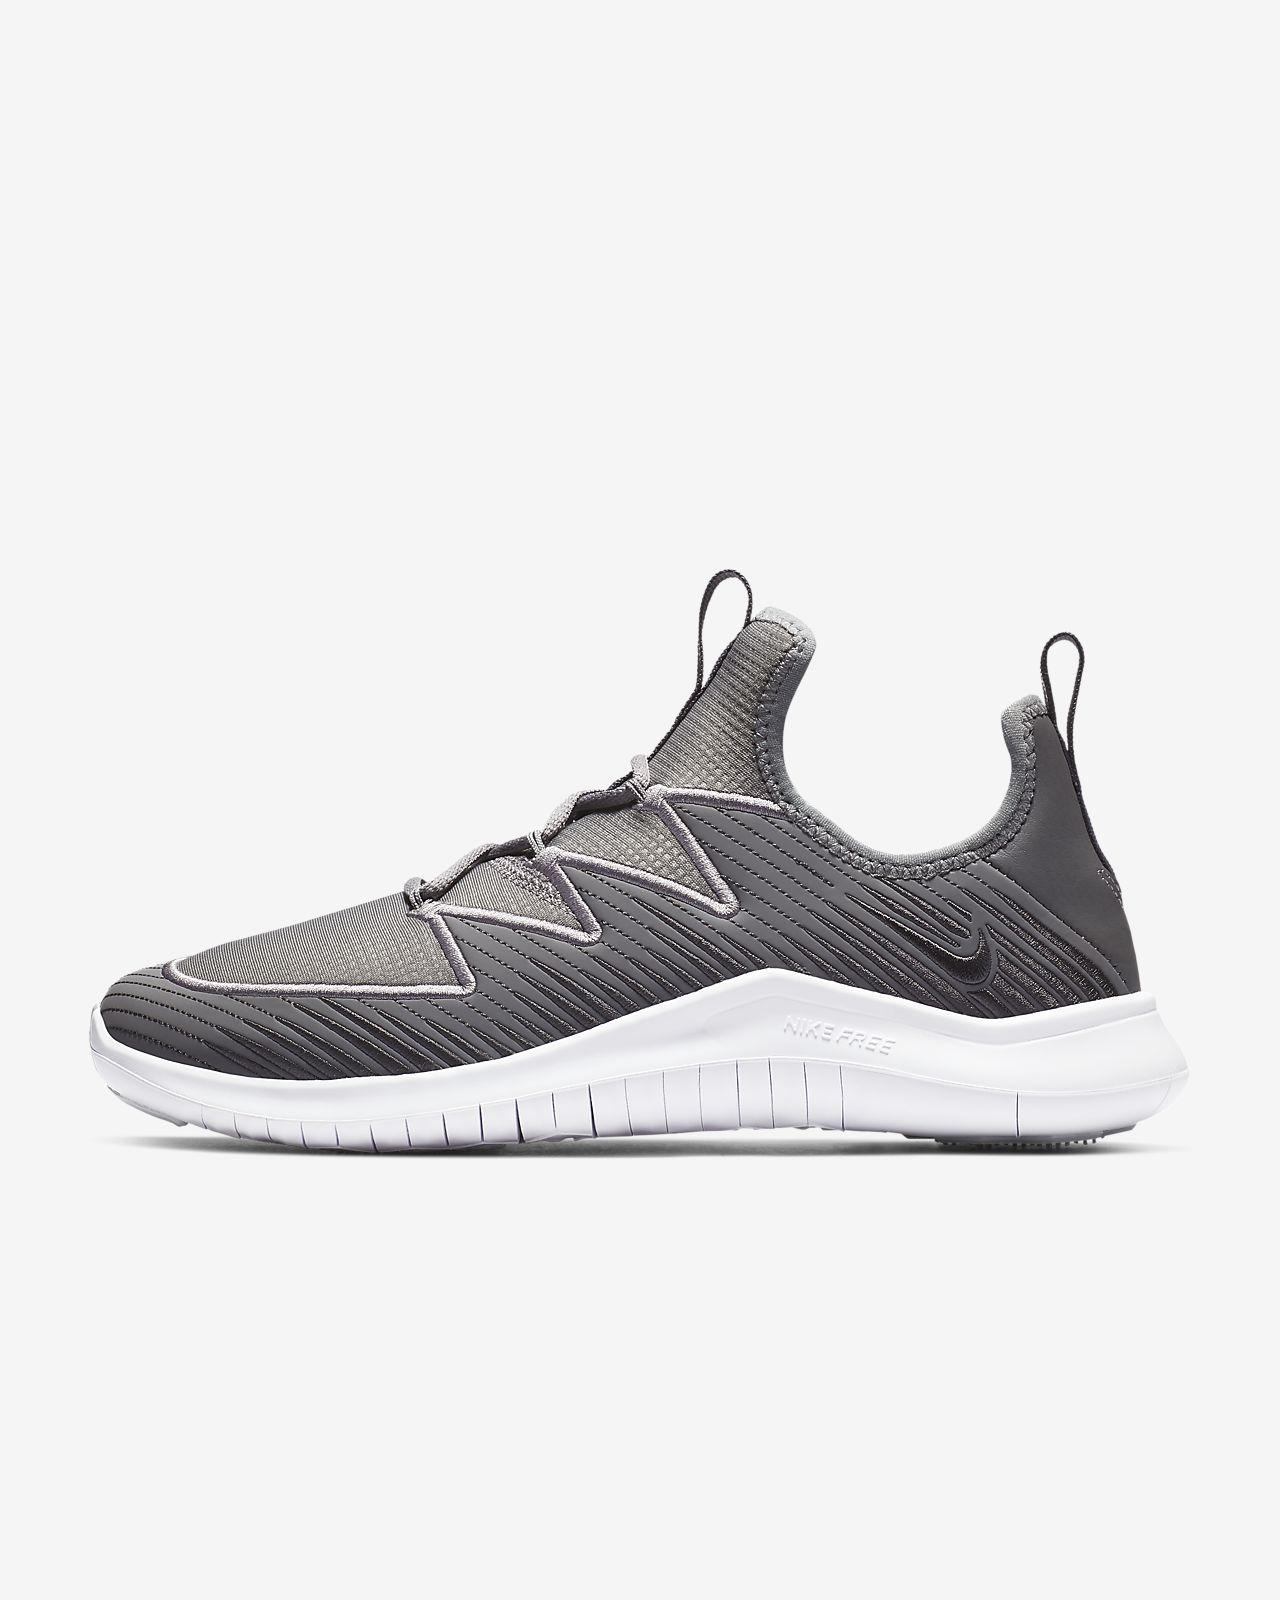 400a60410d1 Sapatilhas de treino Nike Free TR Ultra para mulher. Nike.com PT